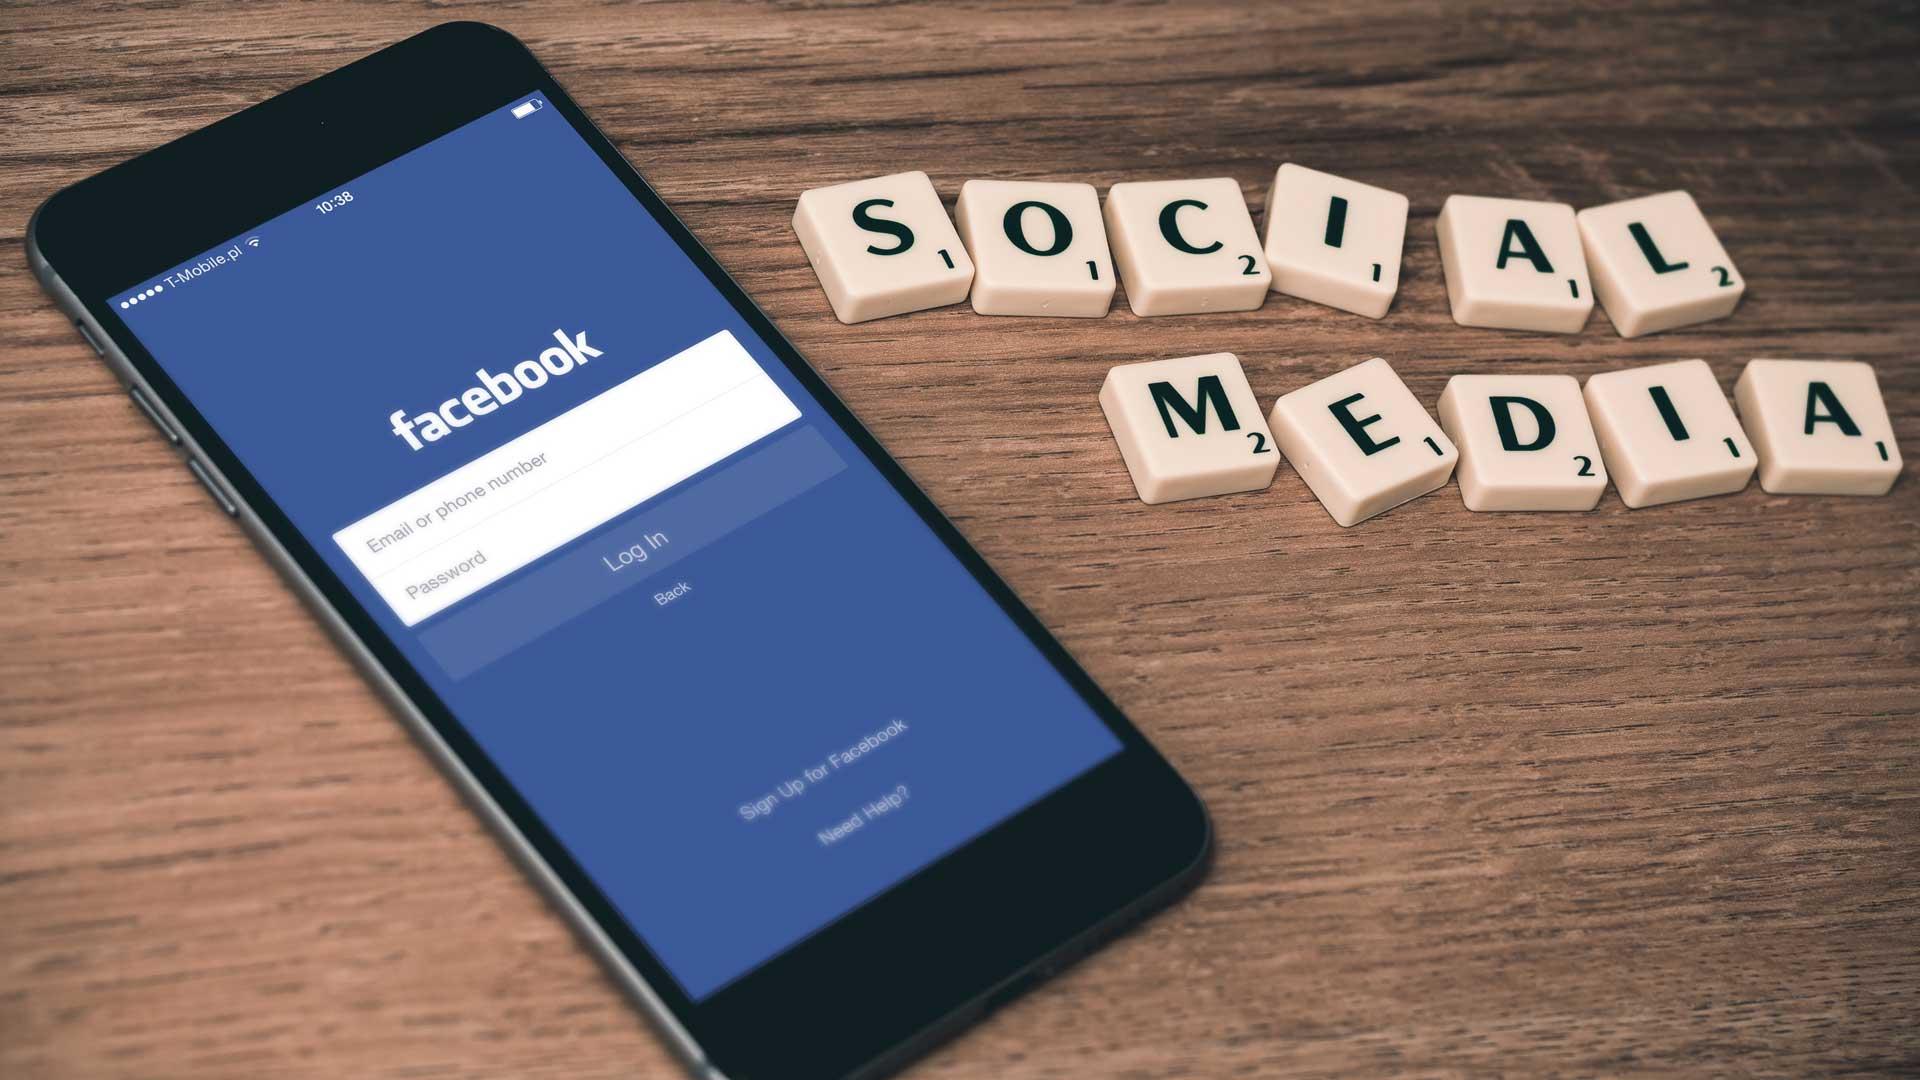 Brassband Smeermaas op Social Media